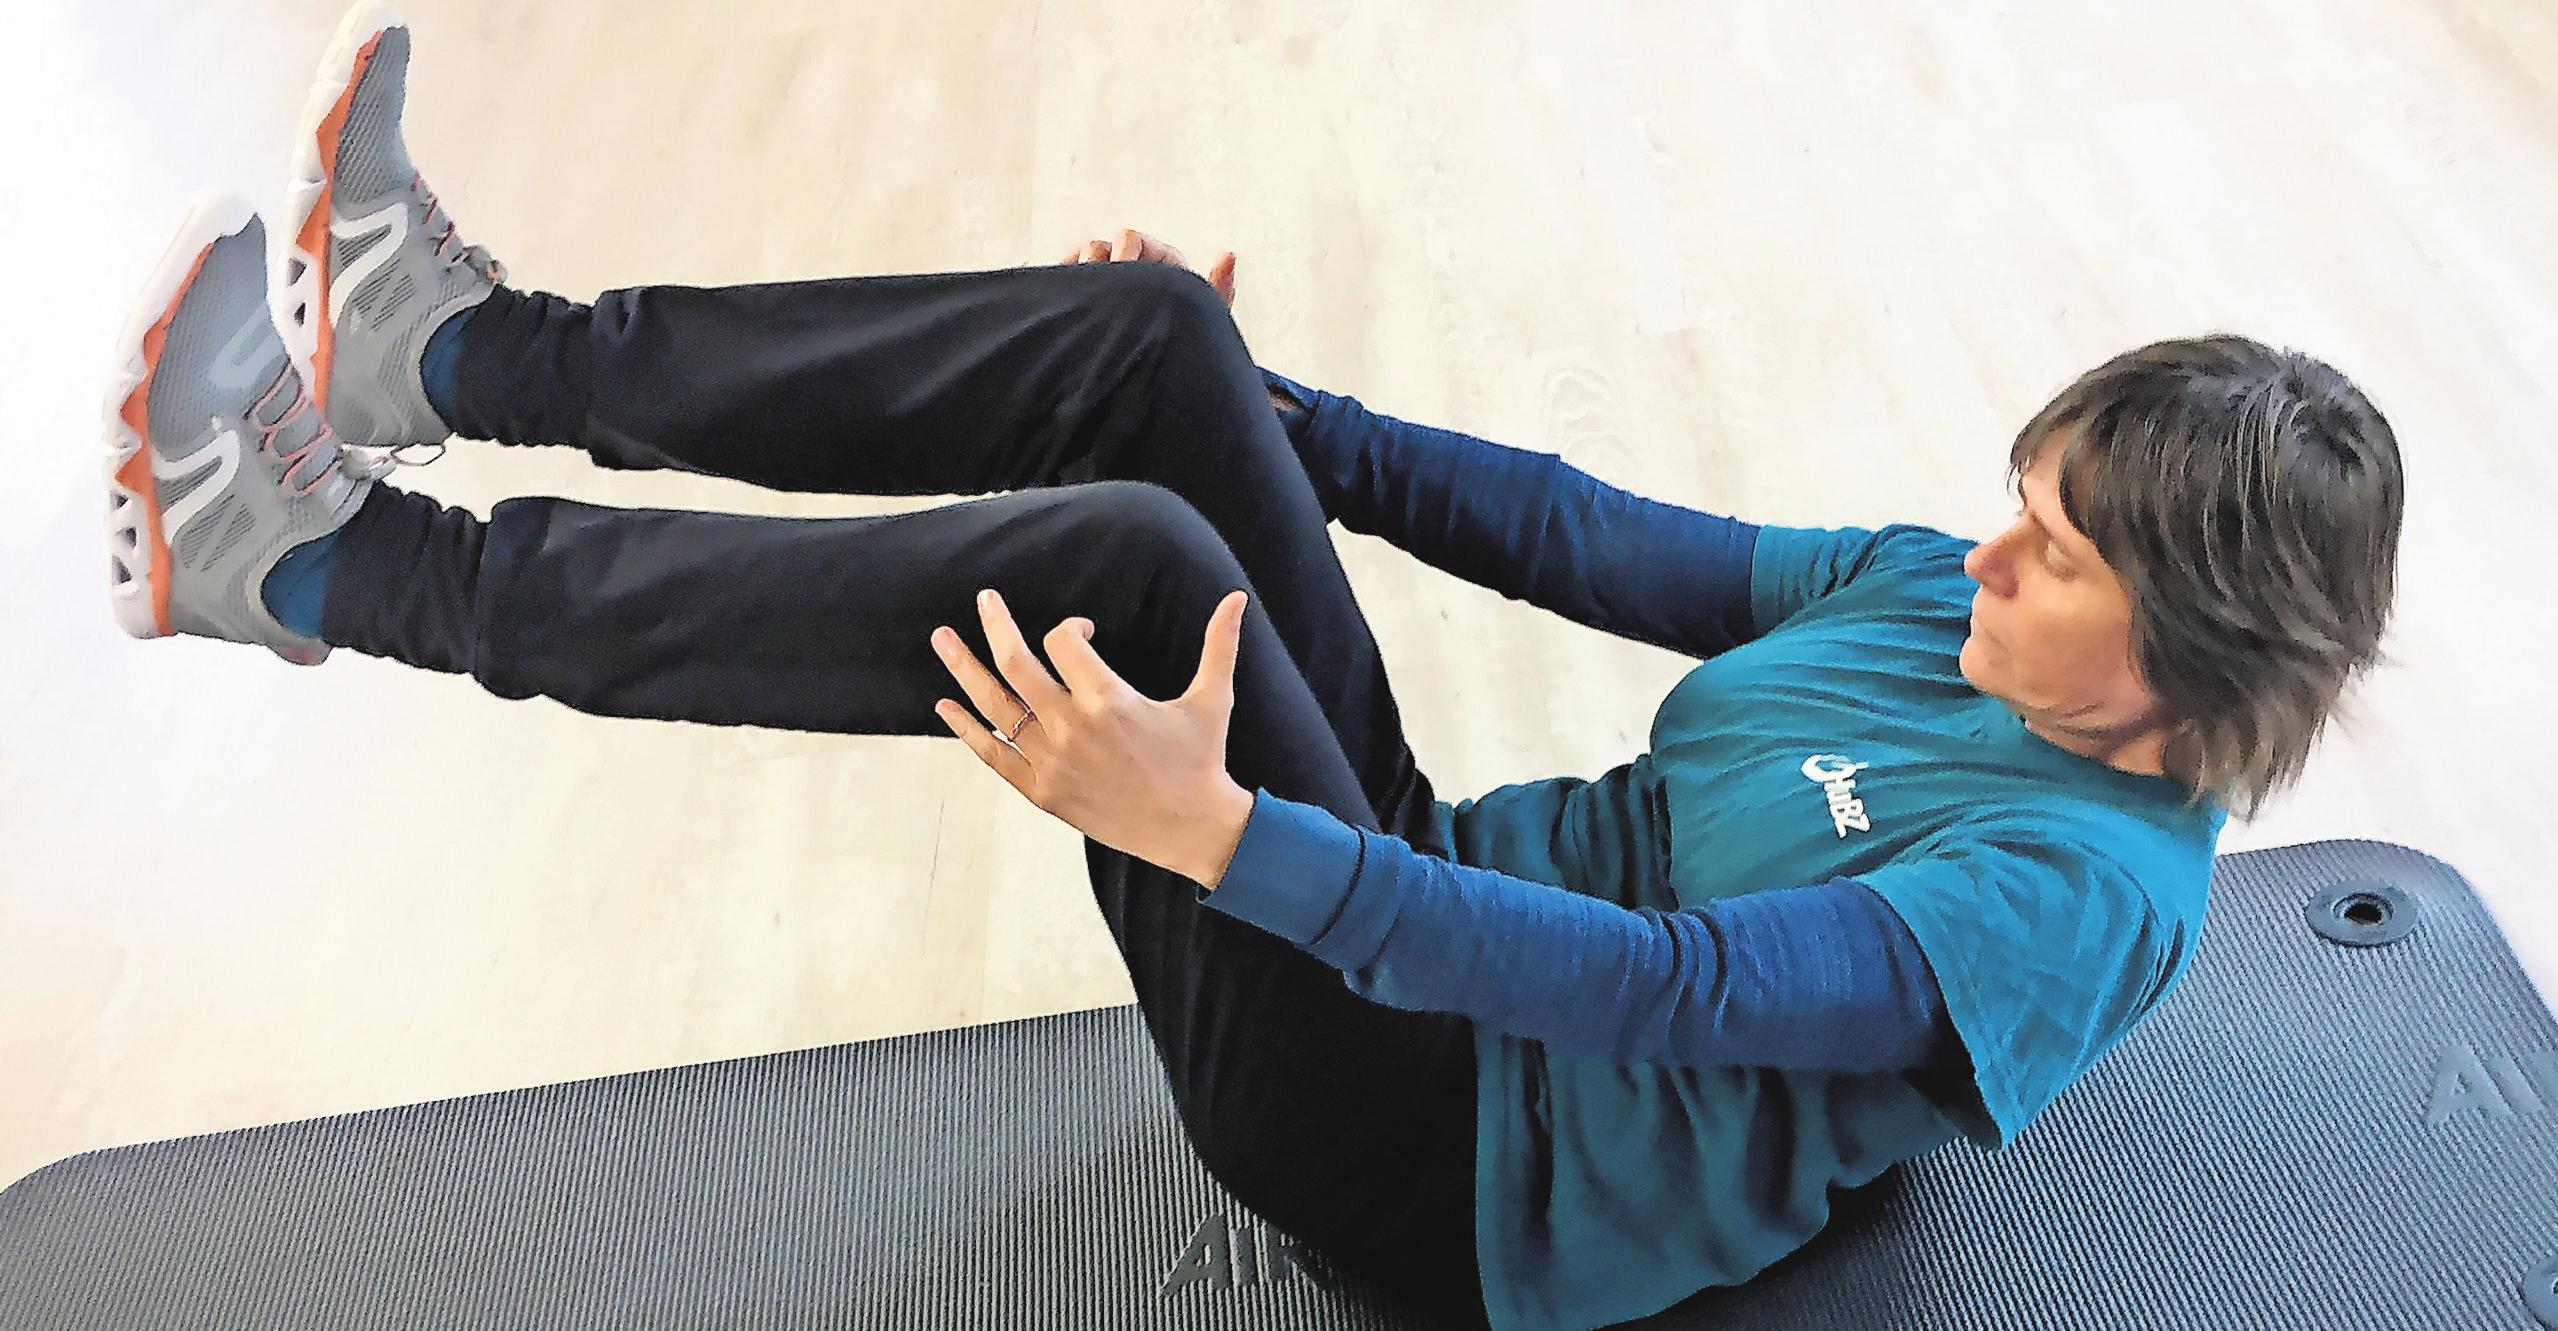 Übung für die Arbeitspause Nummer eins: Sporttherapeutin Silke Bull aus Rostock zeigt, wie Bauch- und Beinmuskulatur effektiv trainiert werden können.